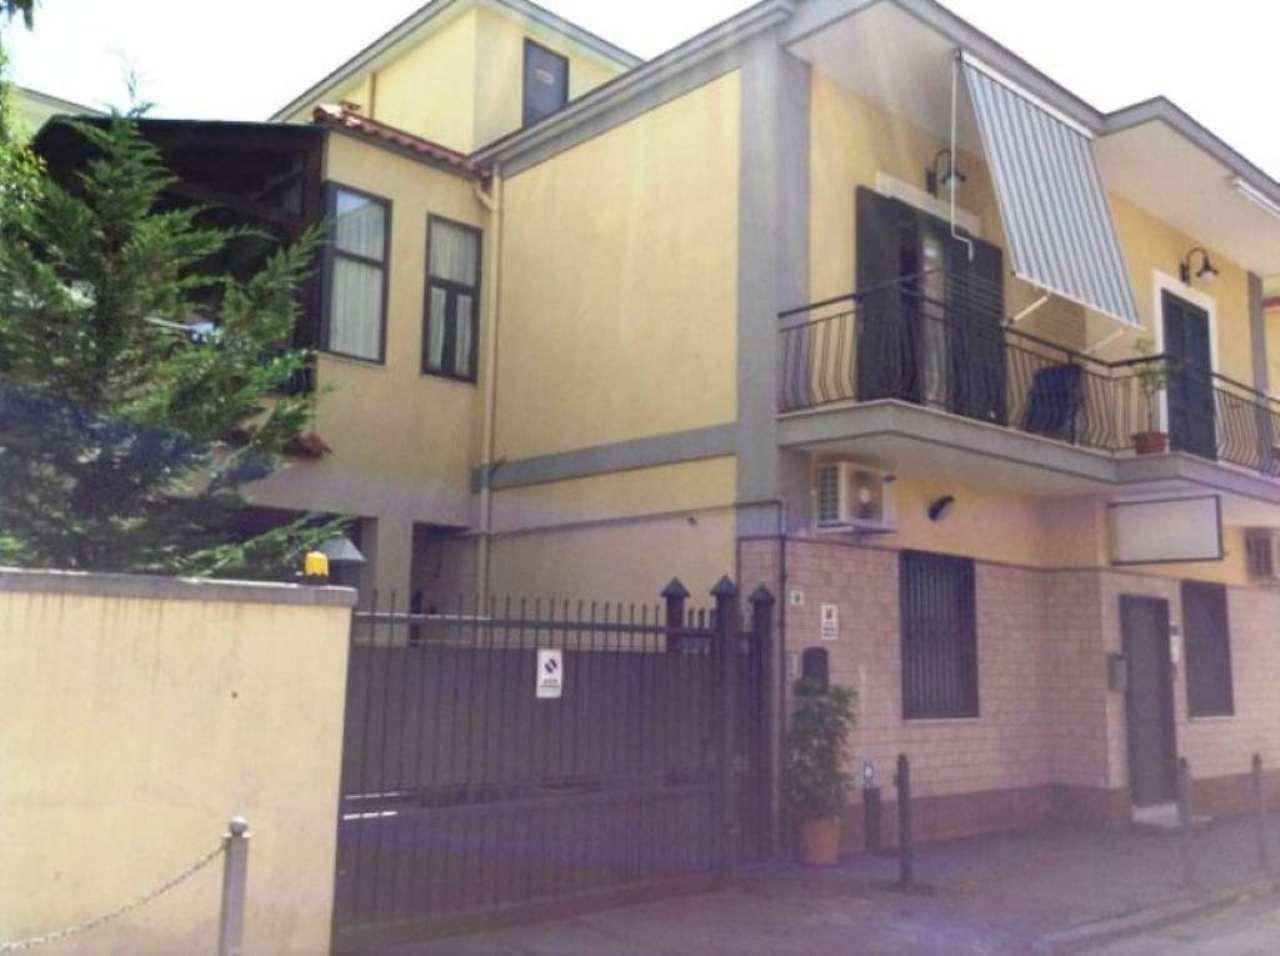 Appartamento in vendita a Torre del Greco, 3 locali, prezzo € 680.000 | CambioCasa.it